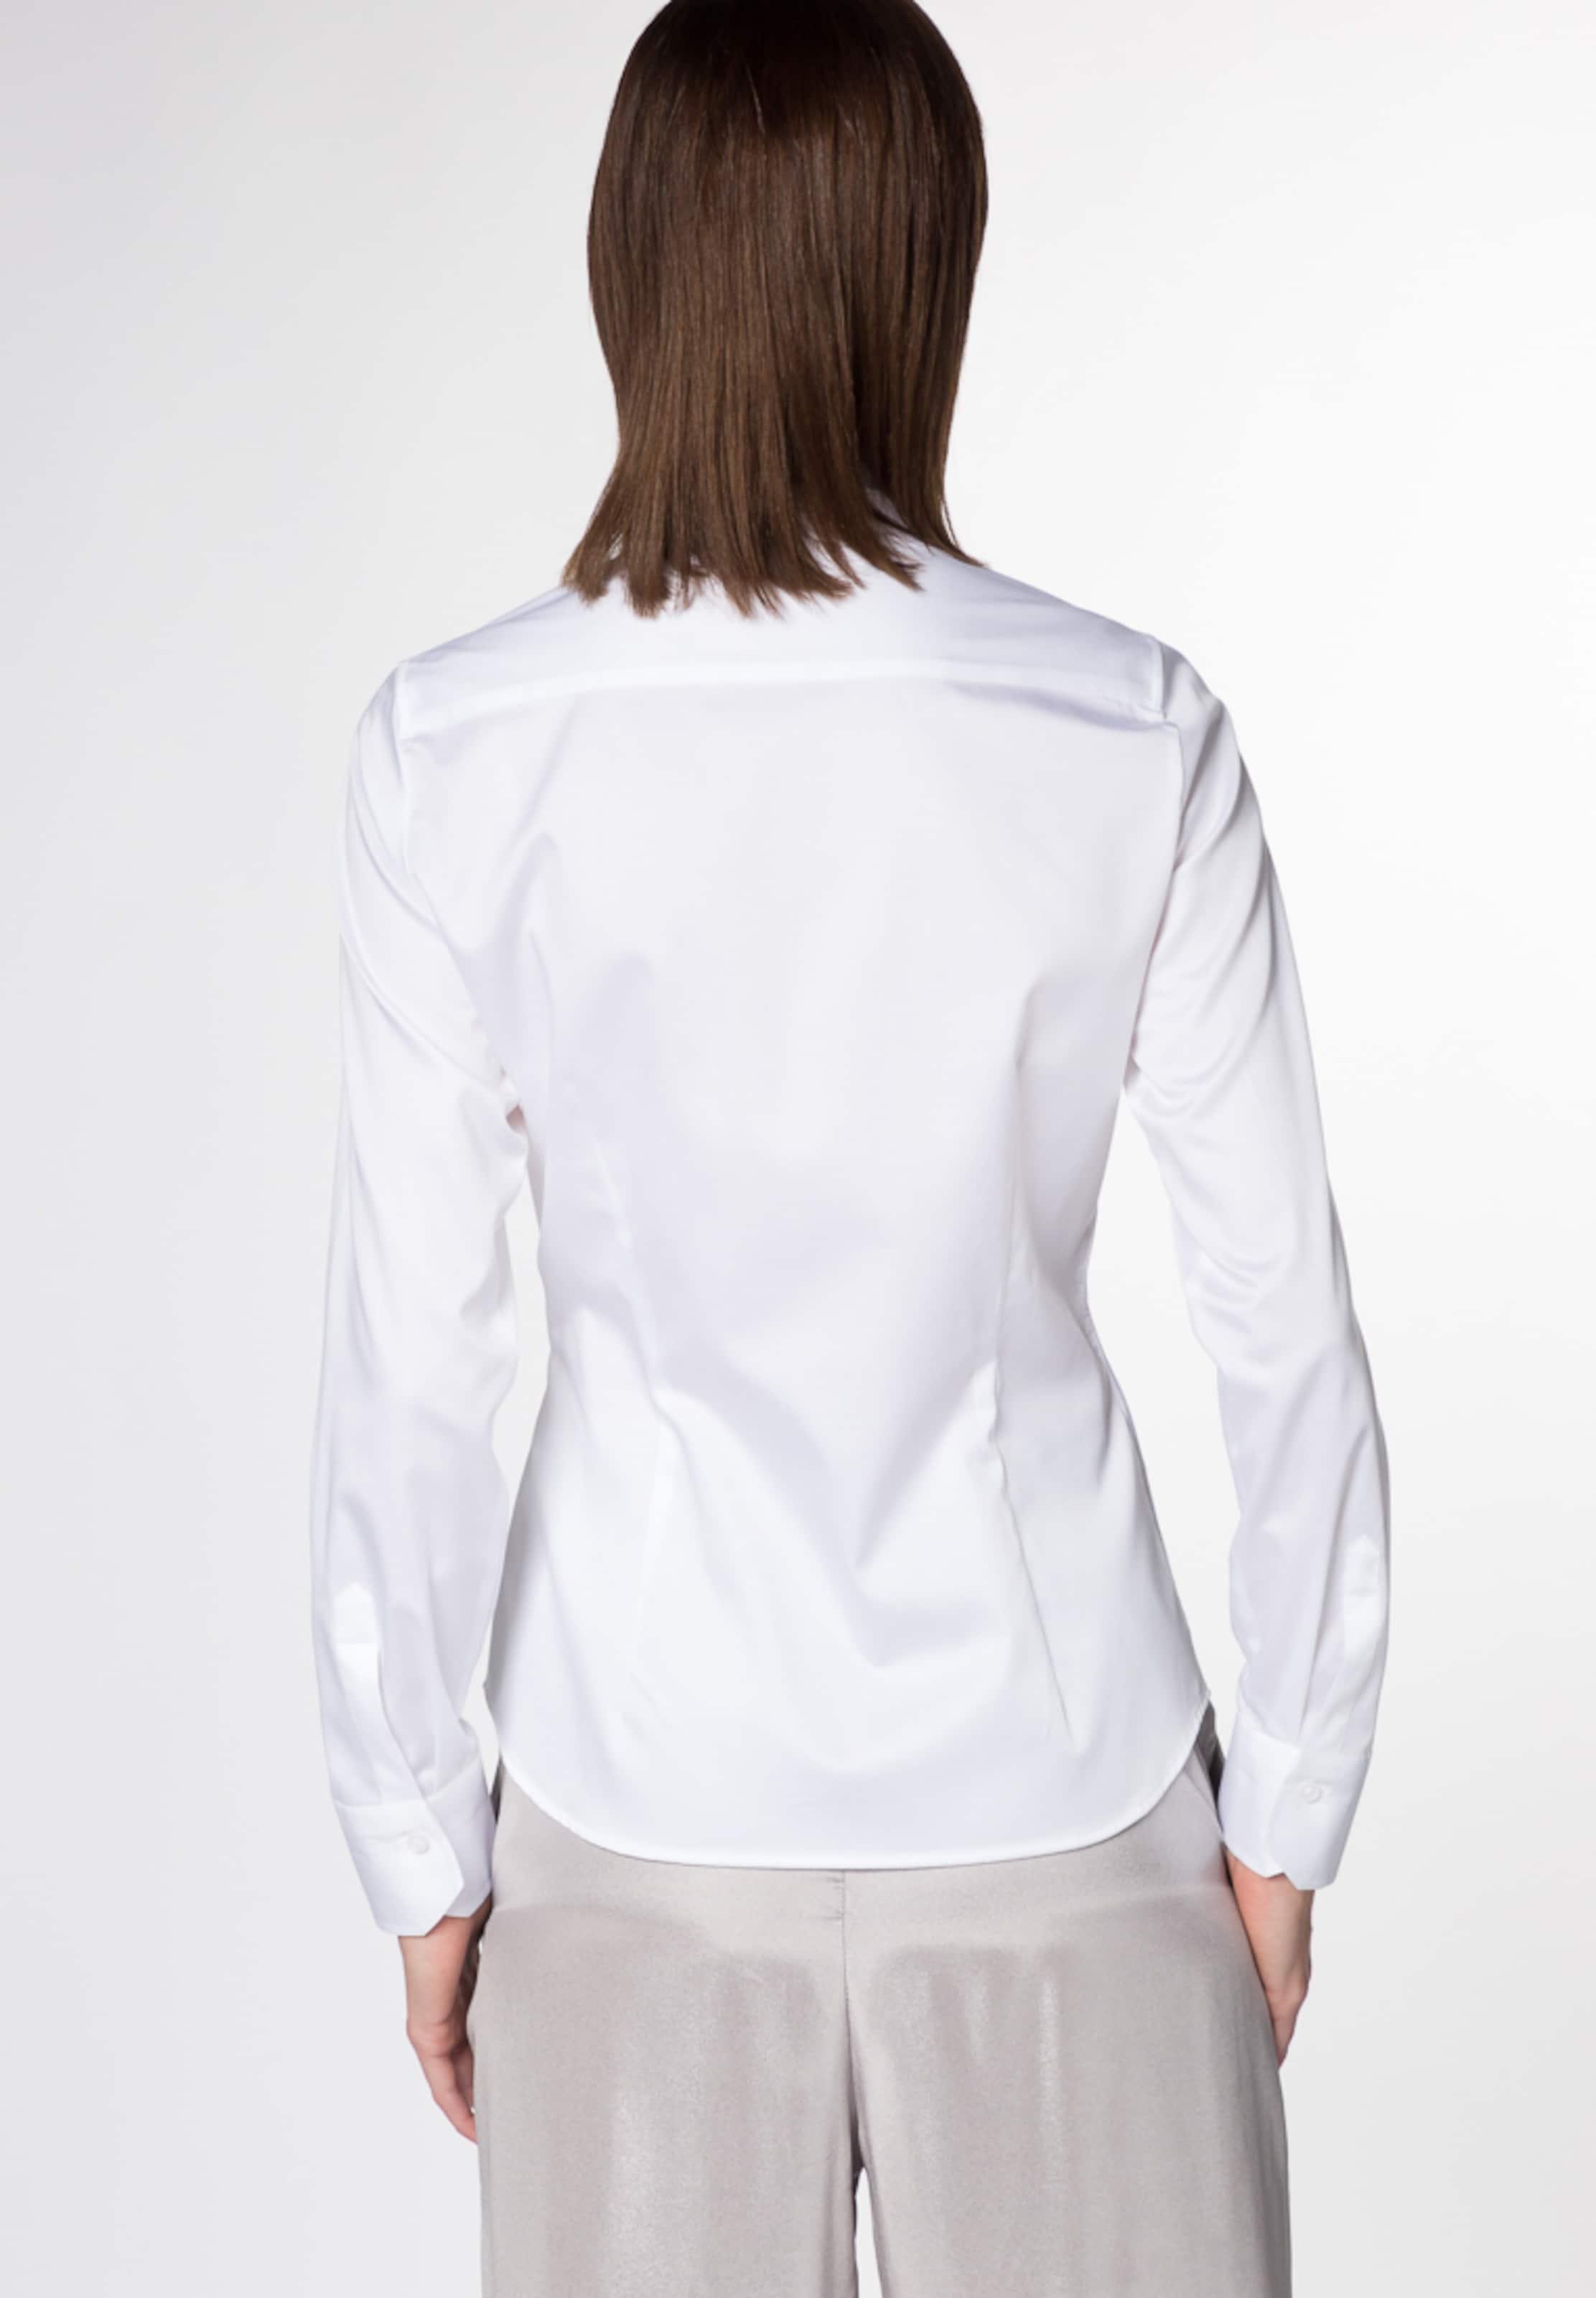 Eterna Bluse Weiß Weiß Eterna In In Bluse Bluse Eterna Eterna In Weiß xoeQdBrCW